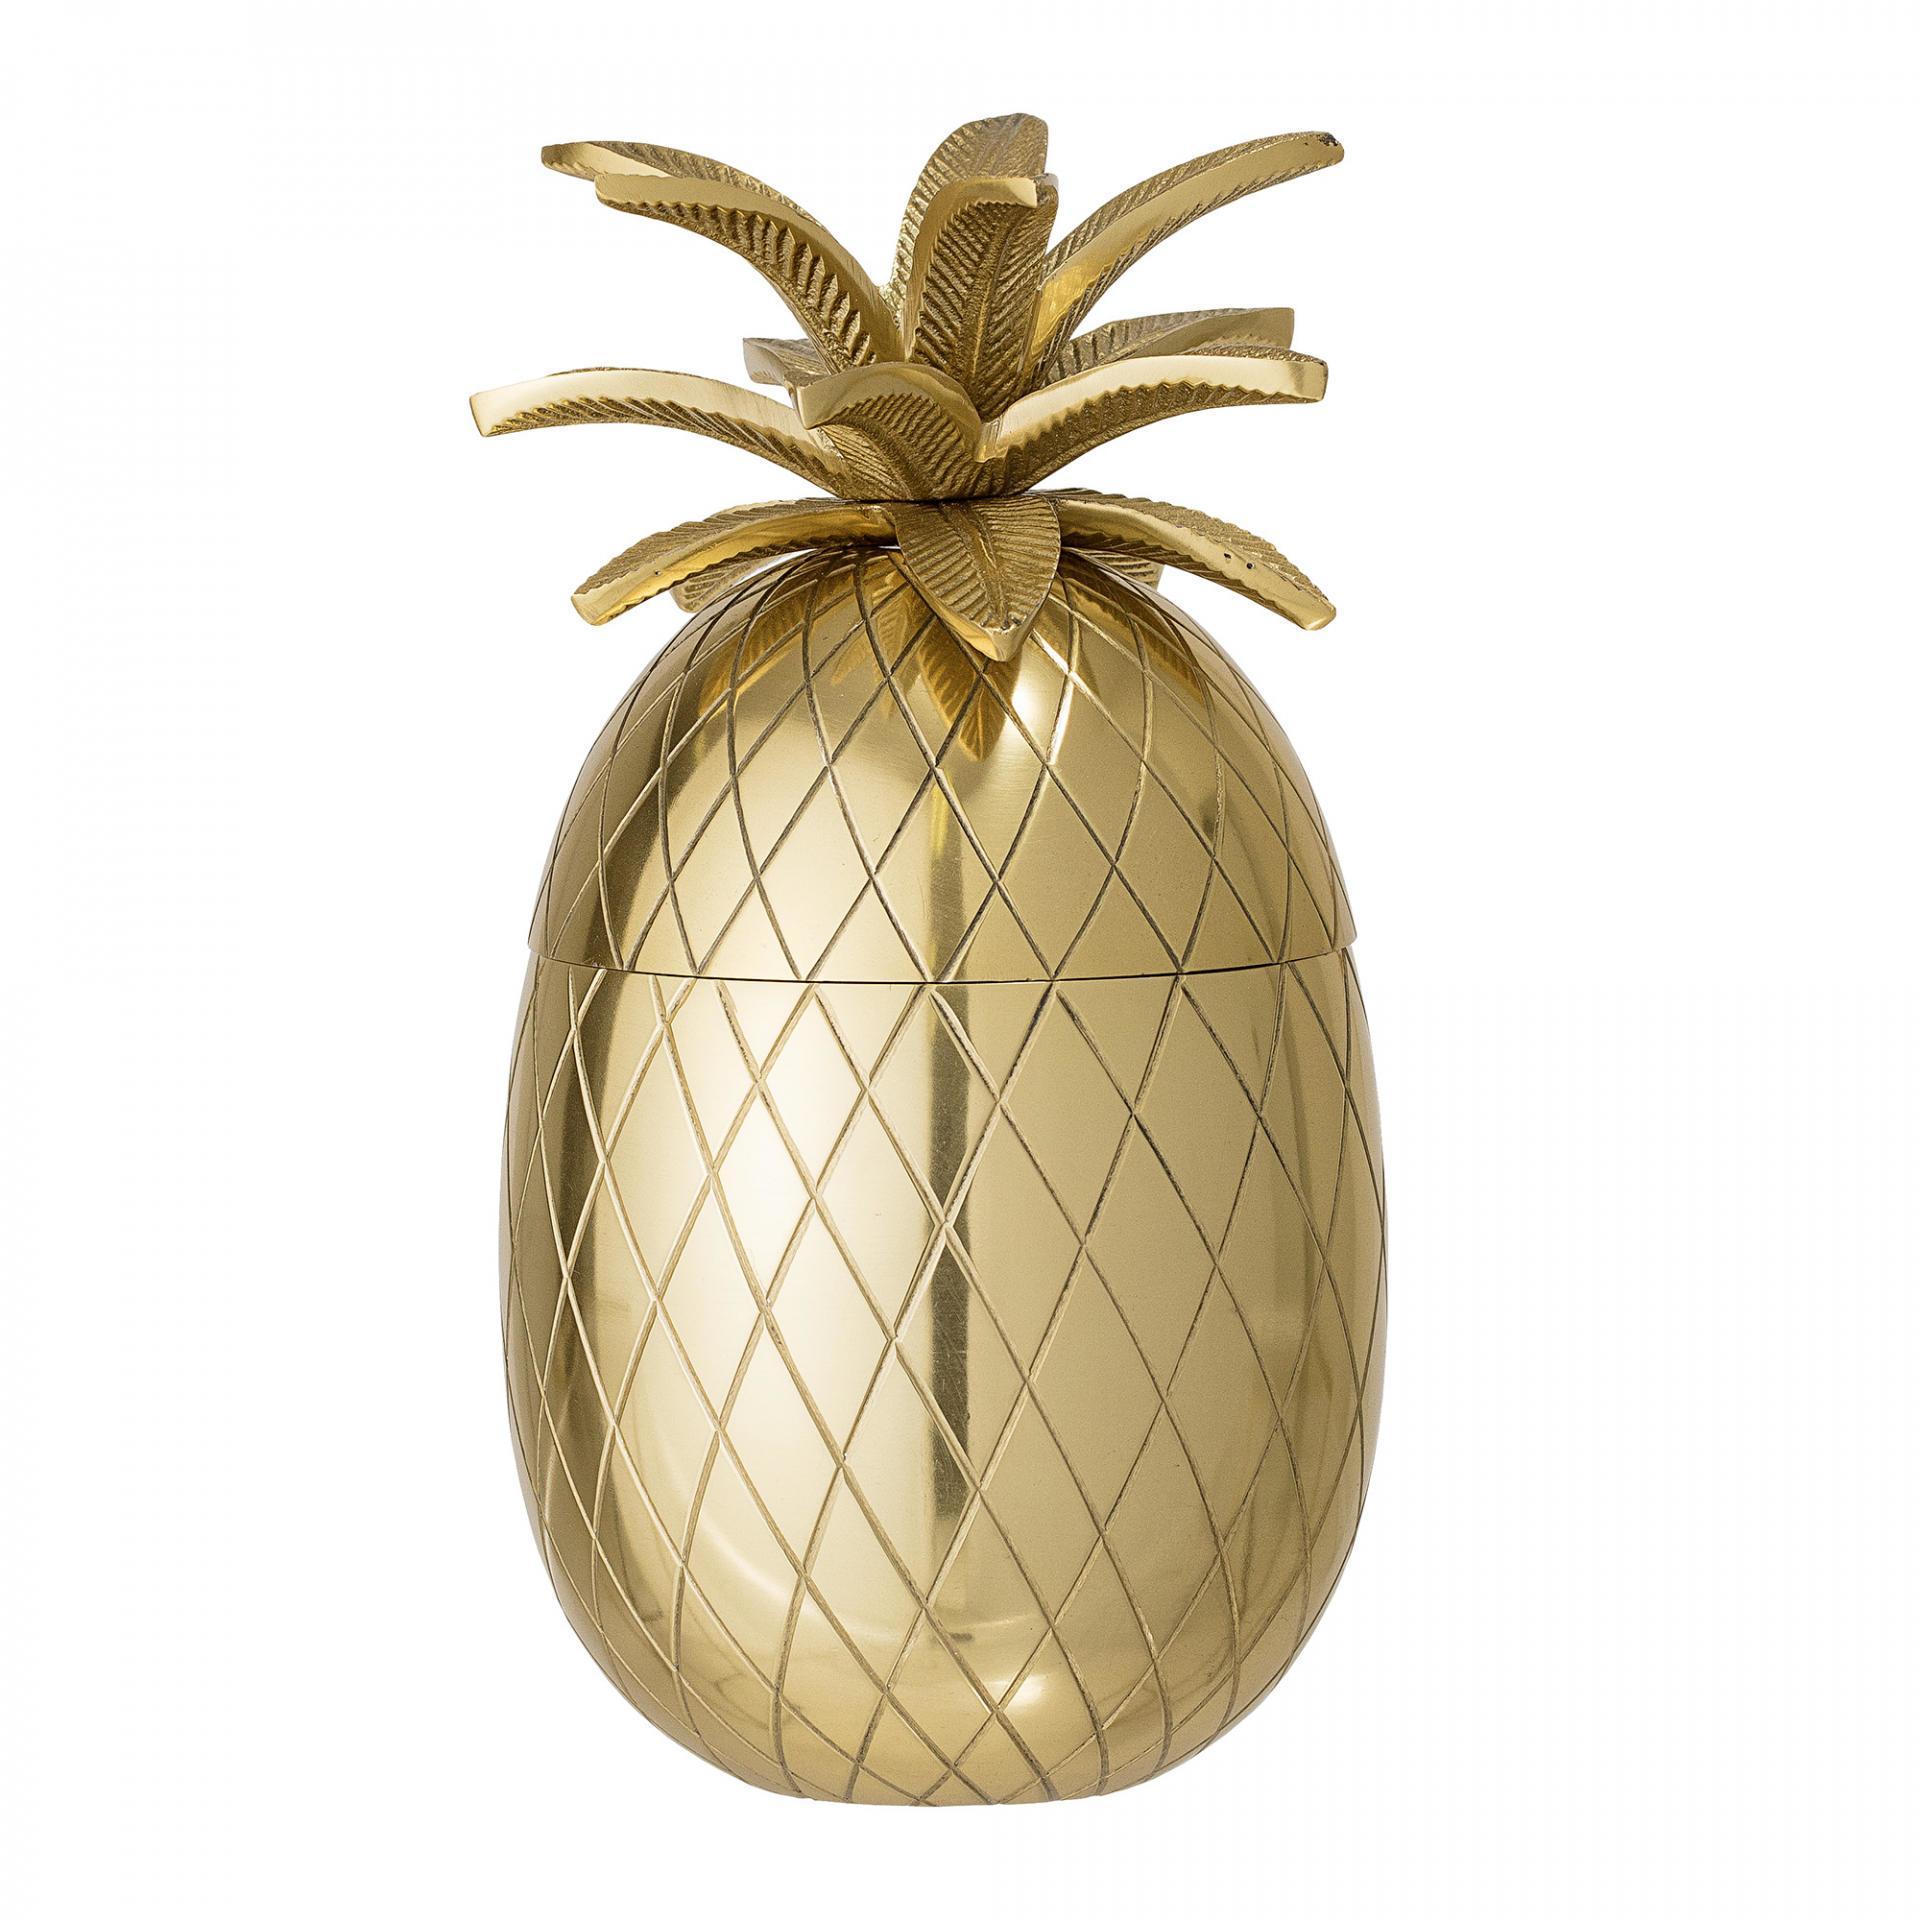 Bloomingville Nádoba na led Pineapple Gold, zlatá barva, kov